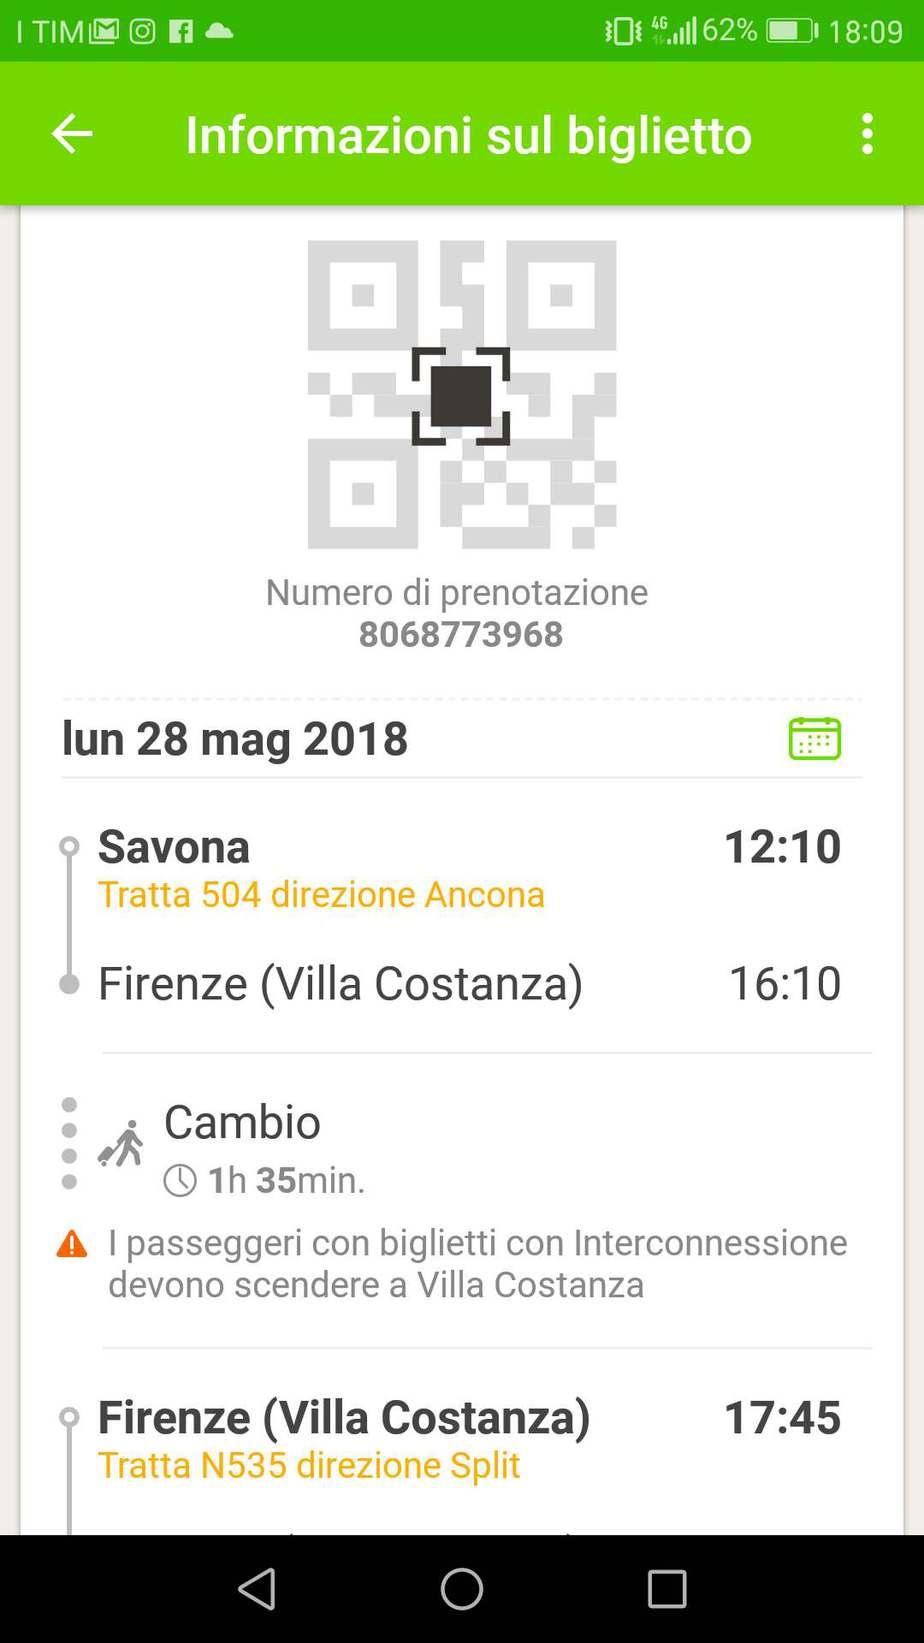 Flixbuss App